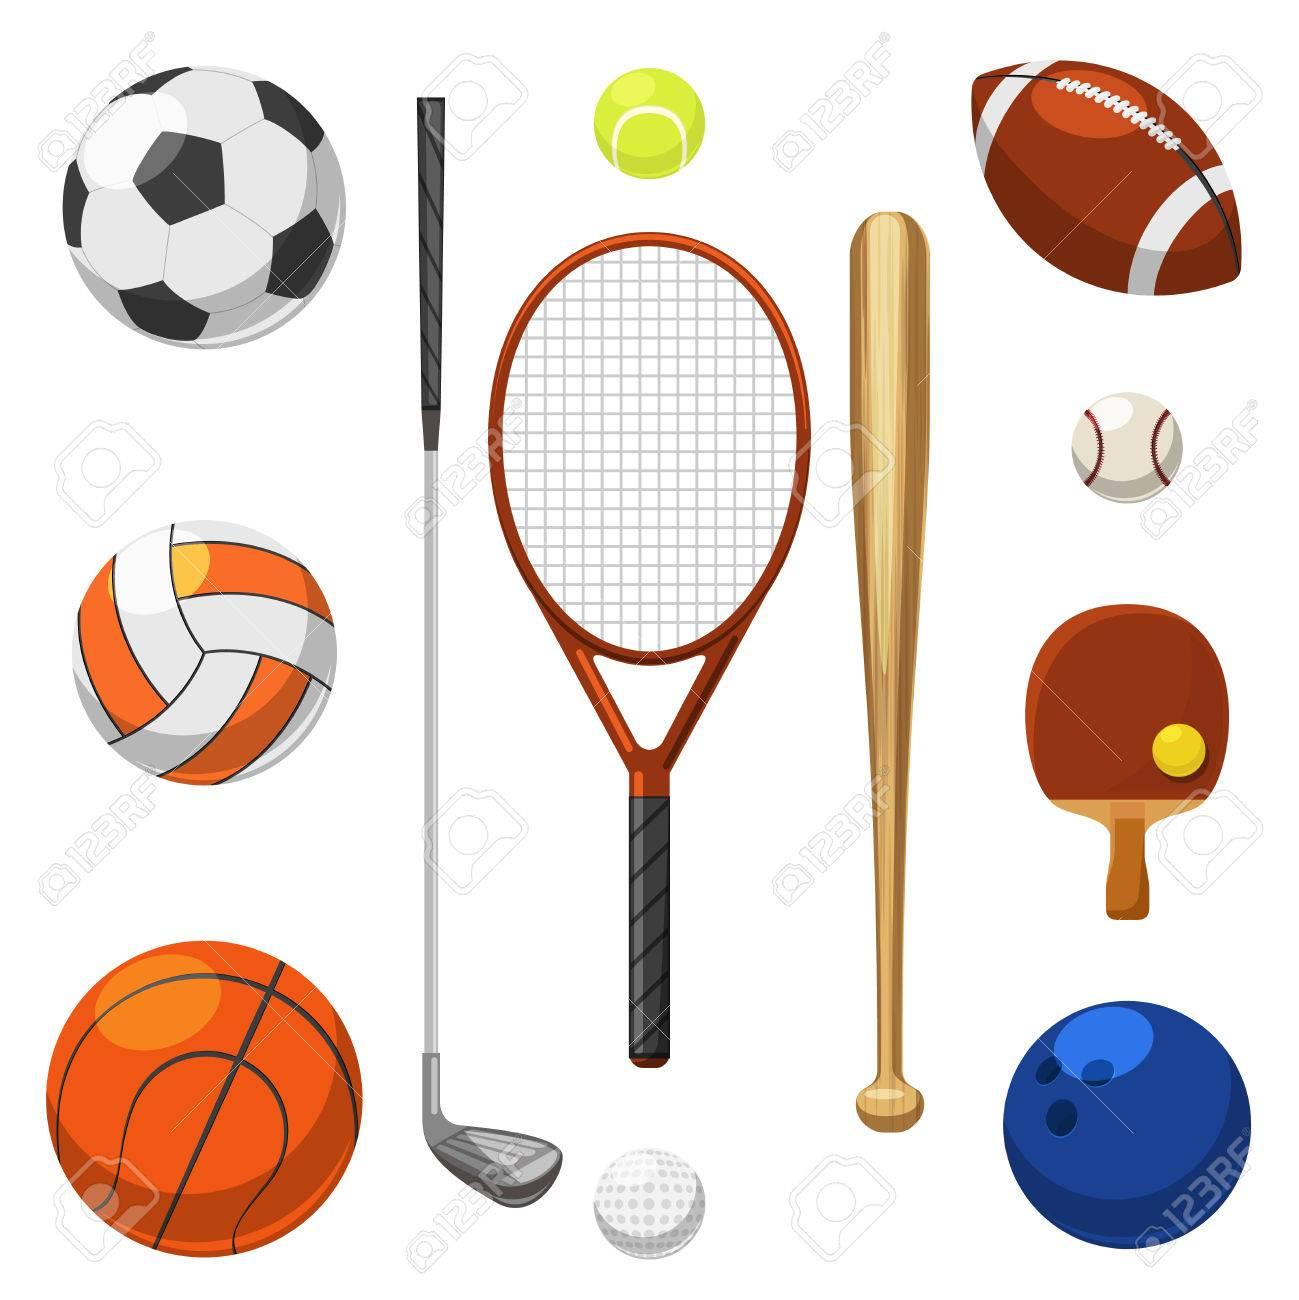 Foto de archivo - Vector material deportivo de iconos. Deportes ejerce  artículos. Raqueta y golpear para deporte ilustración juego 043ea8be00802